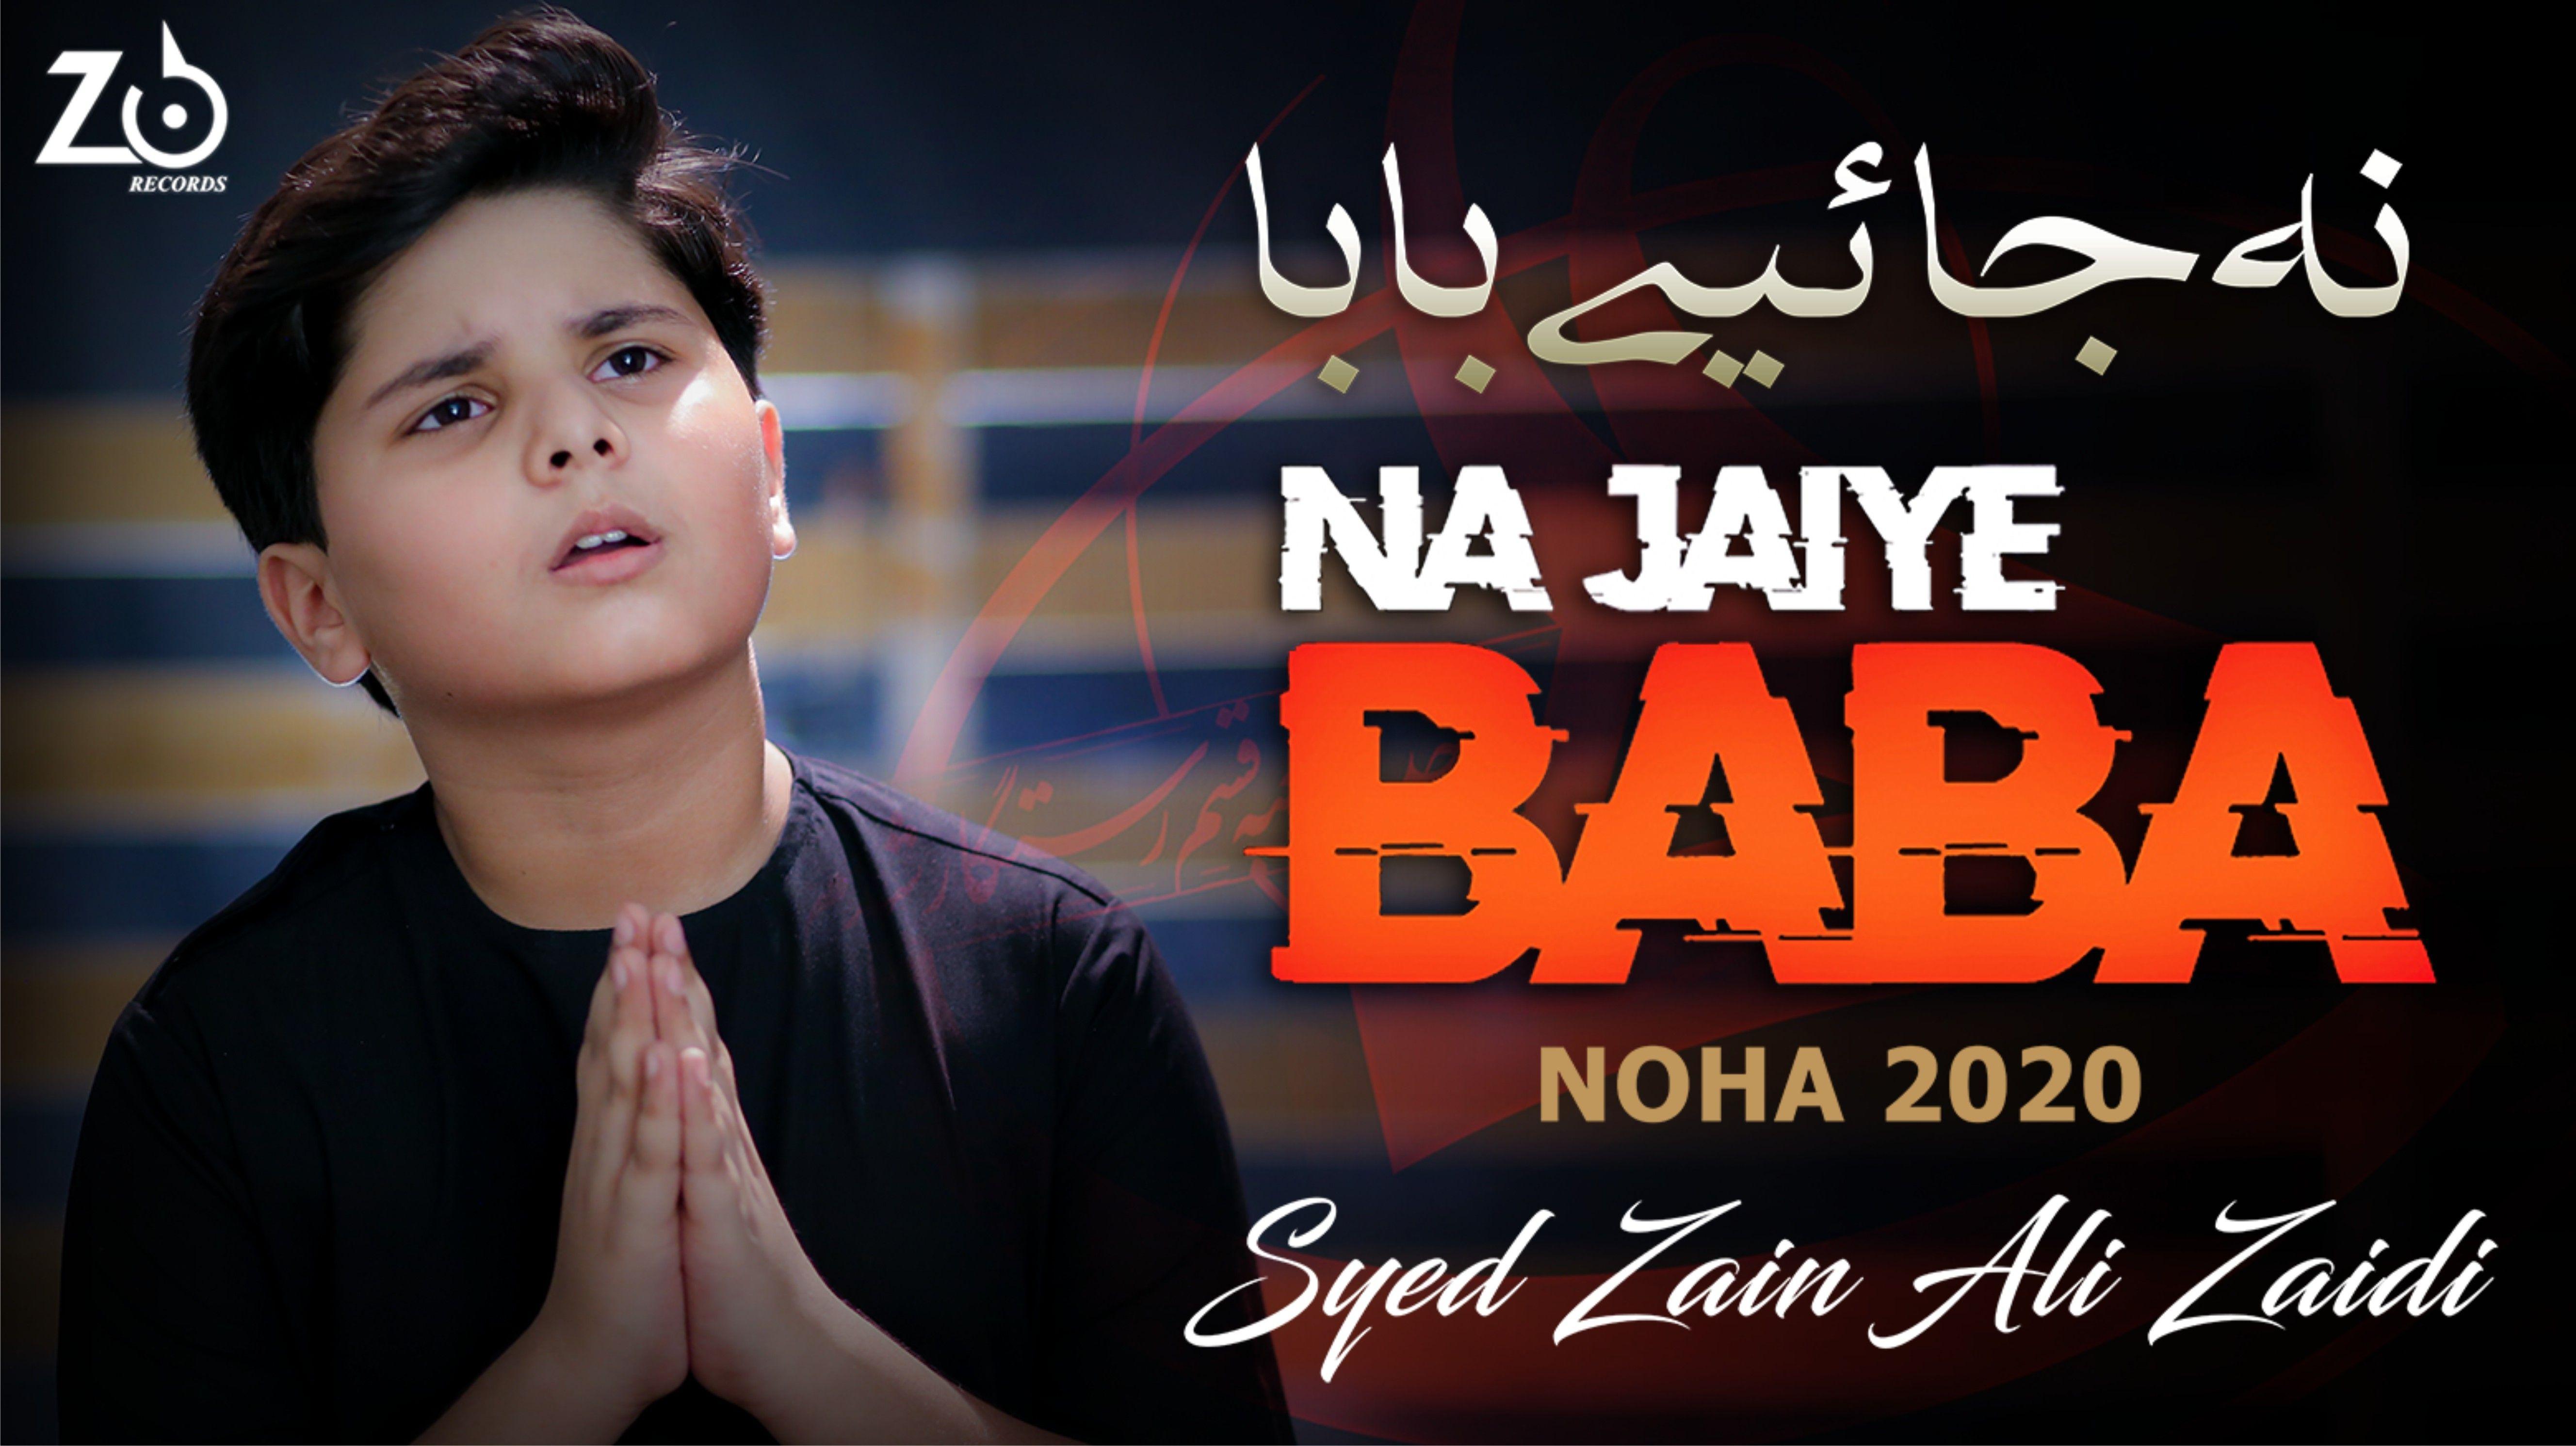 Ruk Jaeye Baba Na Jaeye Baba | Zain Ali Zaidi Nohay | 21 Ramzan Noha 2020 | New Mola Ali Noha